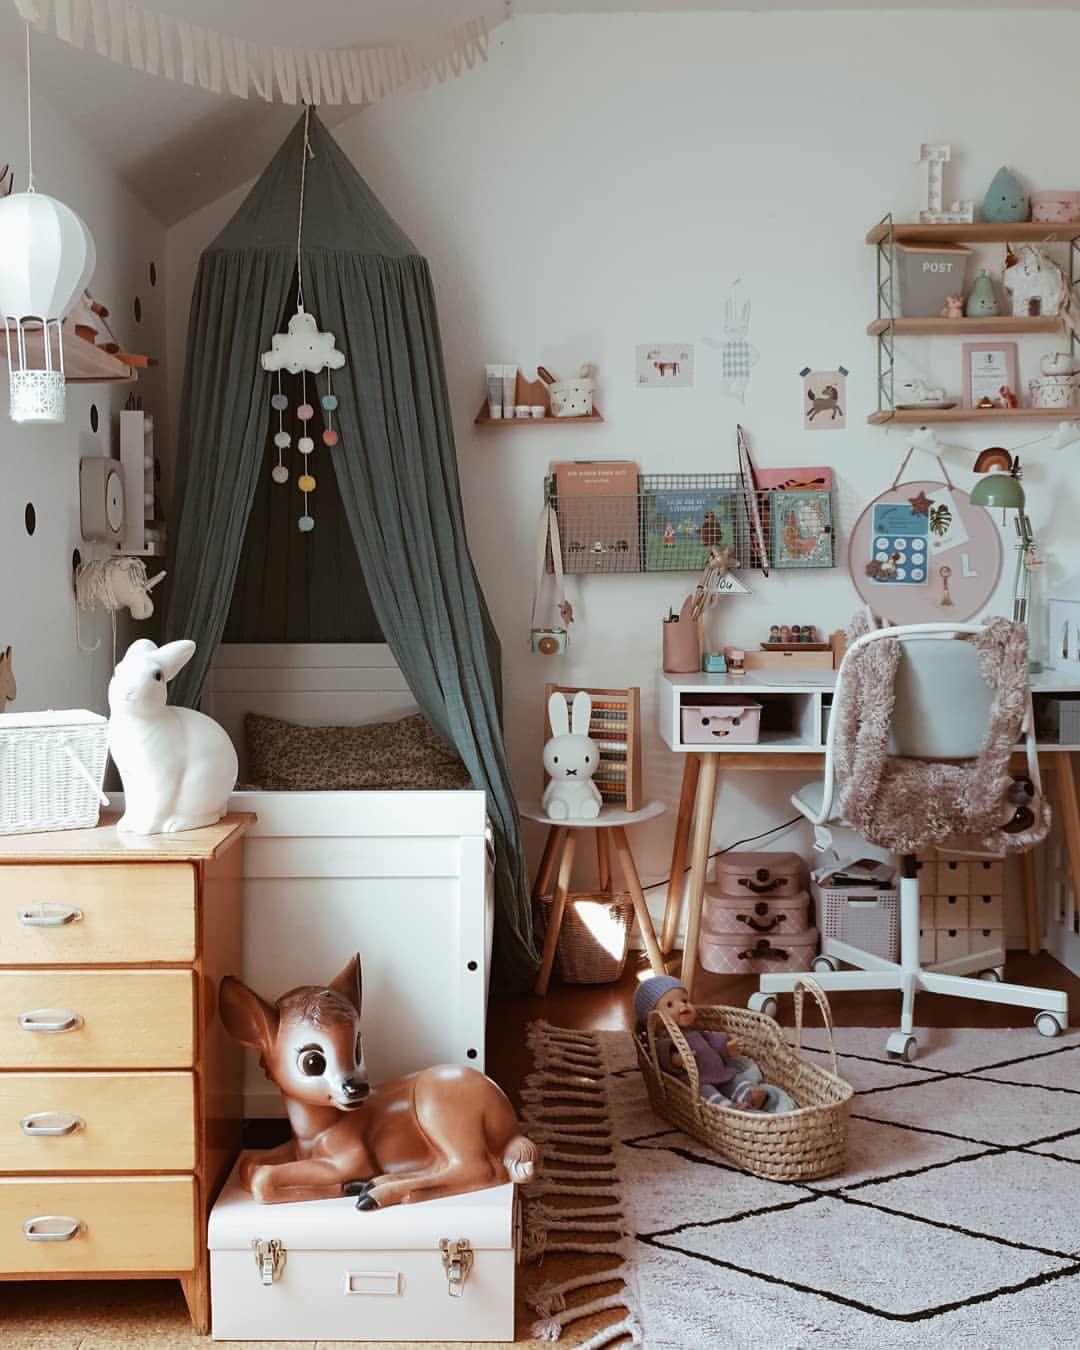 Instagram의 ʝ ℓ 님 Ein Kinderzimmer Ist Ein Kinderzimmer Ist